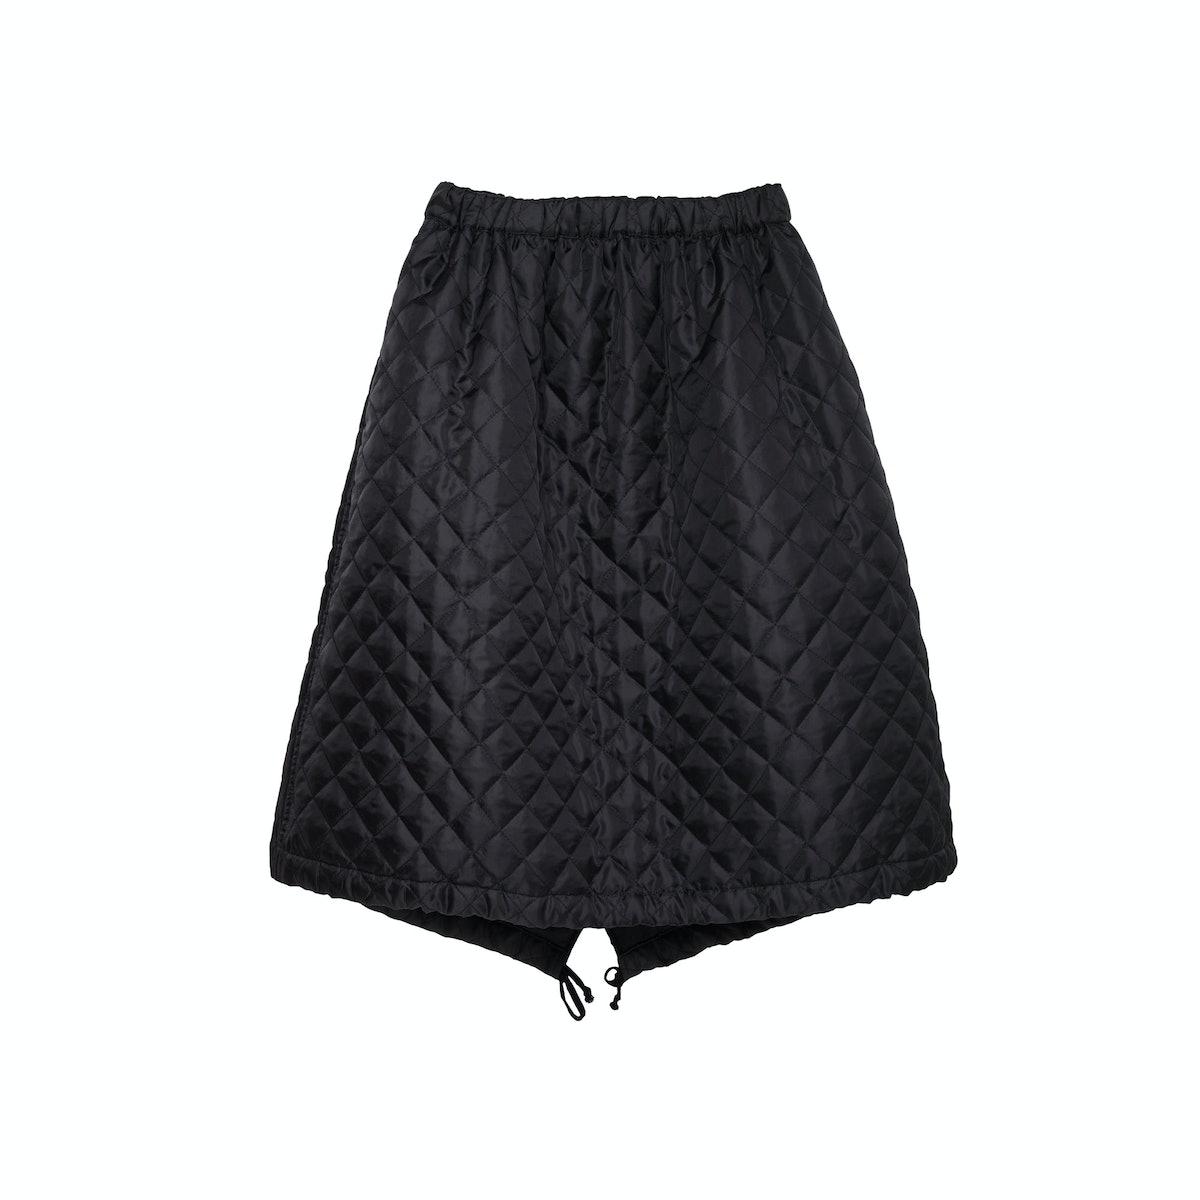 Comme des Garçons Shirt Girl quilted skirt